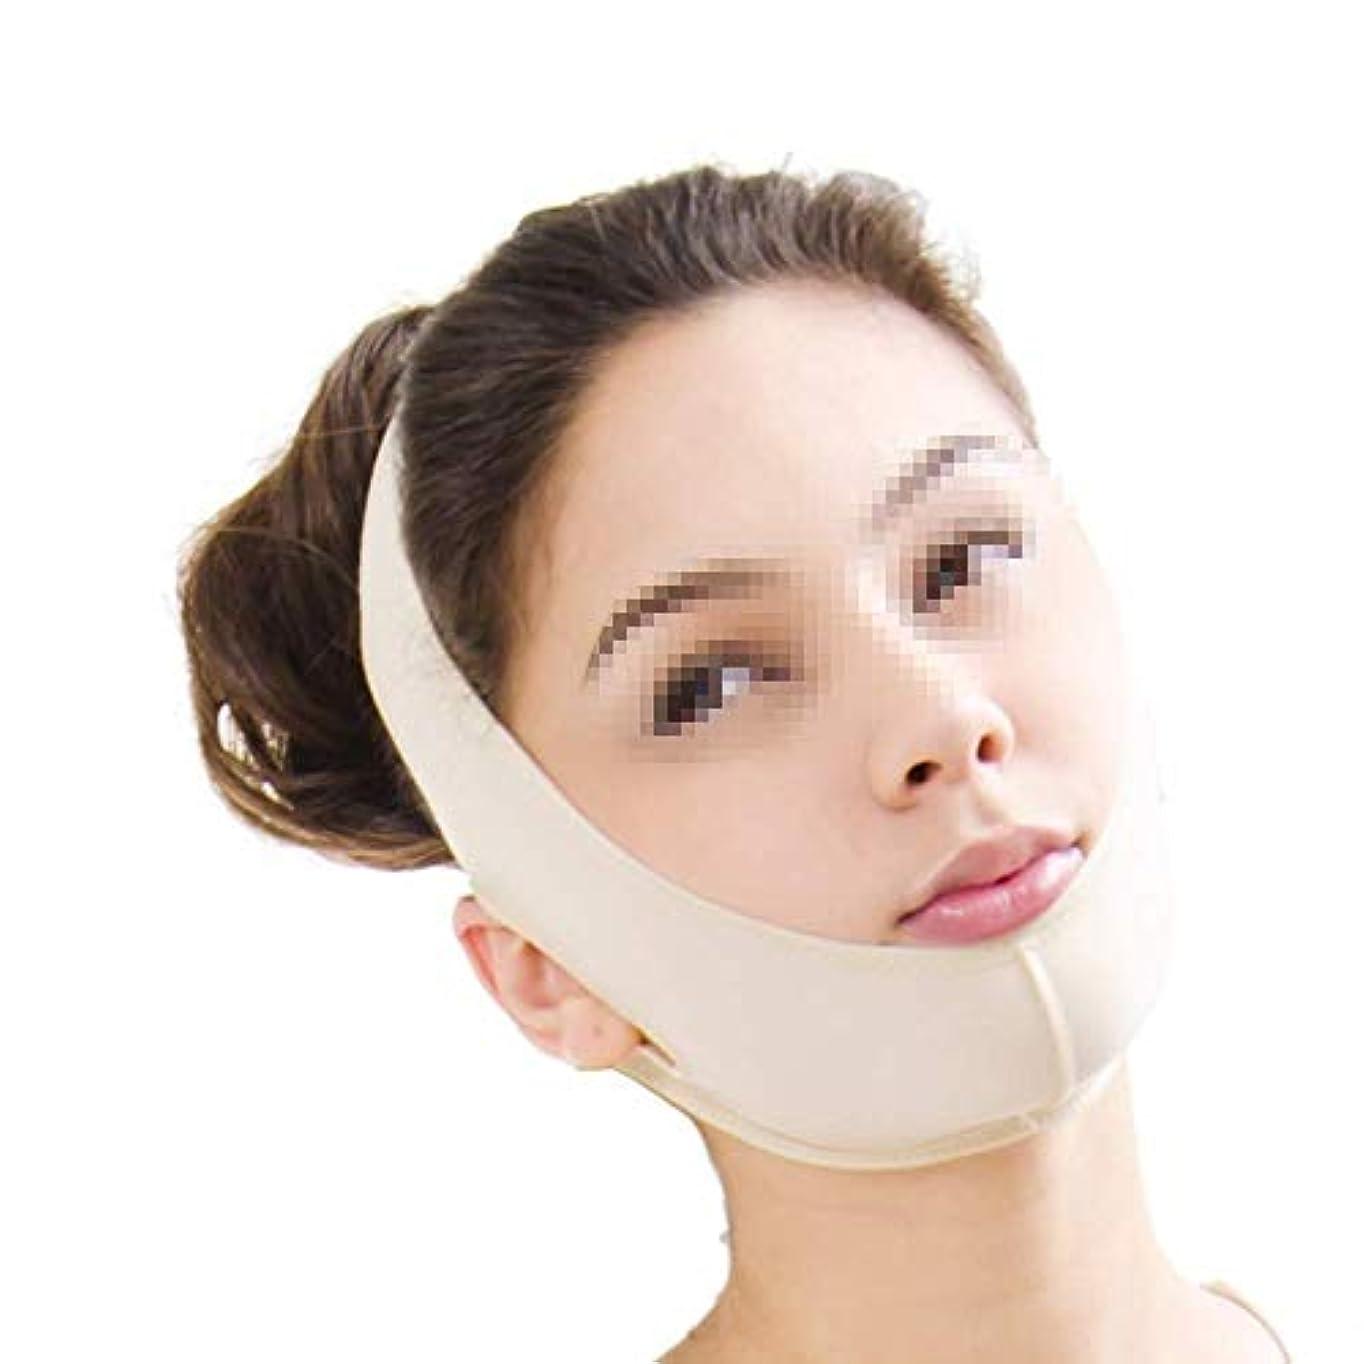 羊金属可動フェイスリフトマスク、圧縮後の顎顔面ダブルチン化粧品脂肪吸引小顔包帯弾性ヘッドギア(サイズ:Xl)